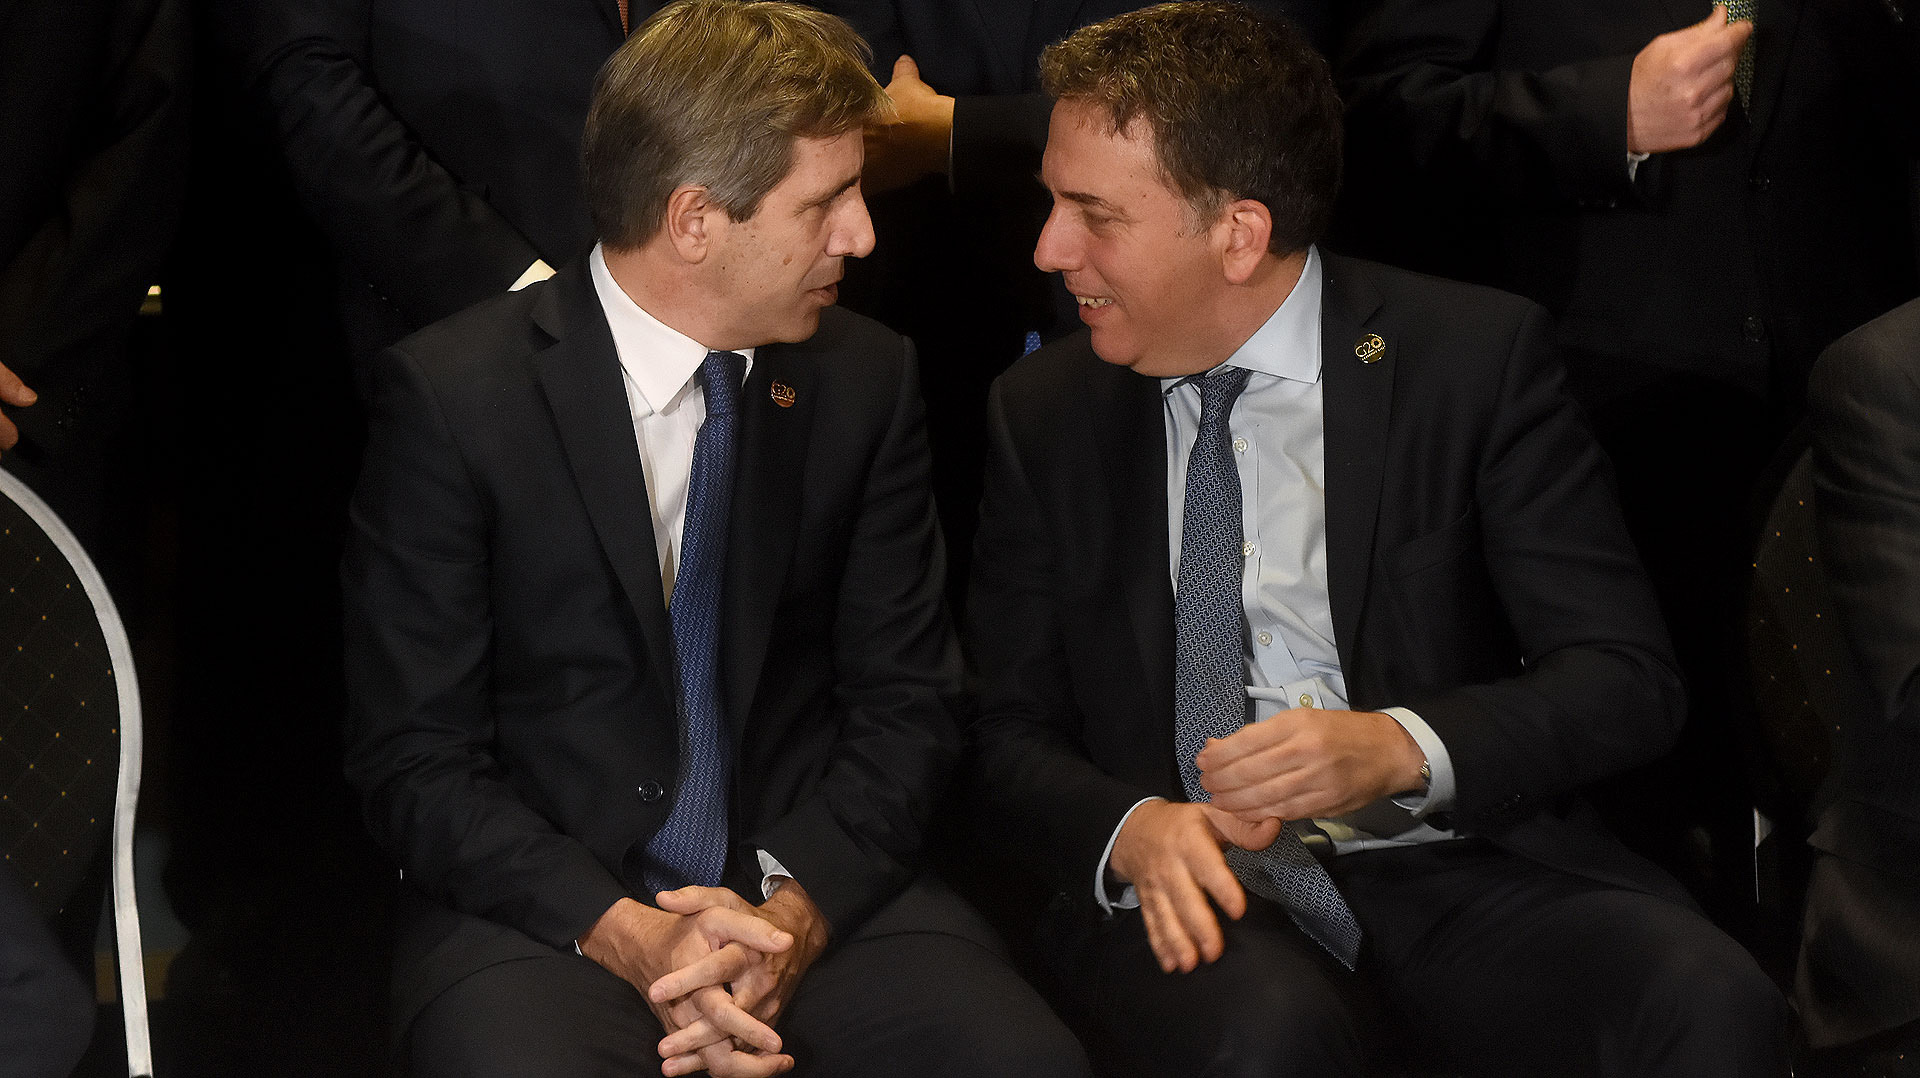 La coordinación de políticas del Banco Central y Hacienda, por parte de Luis Caputo y Nicolás Dujovne, trajeron un día de alivio a los mercados (Nicolás Stulberg)